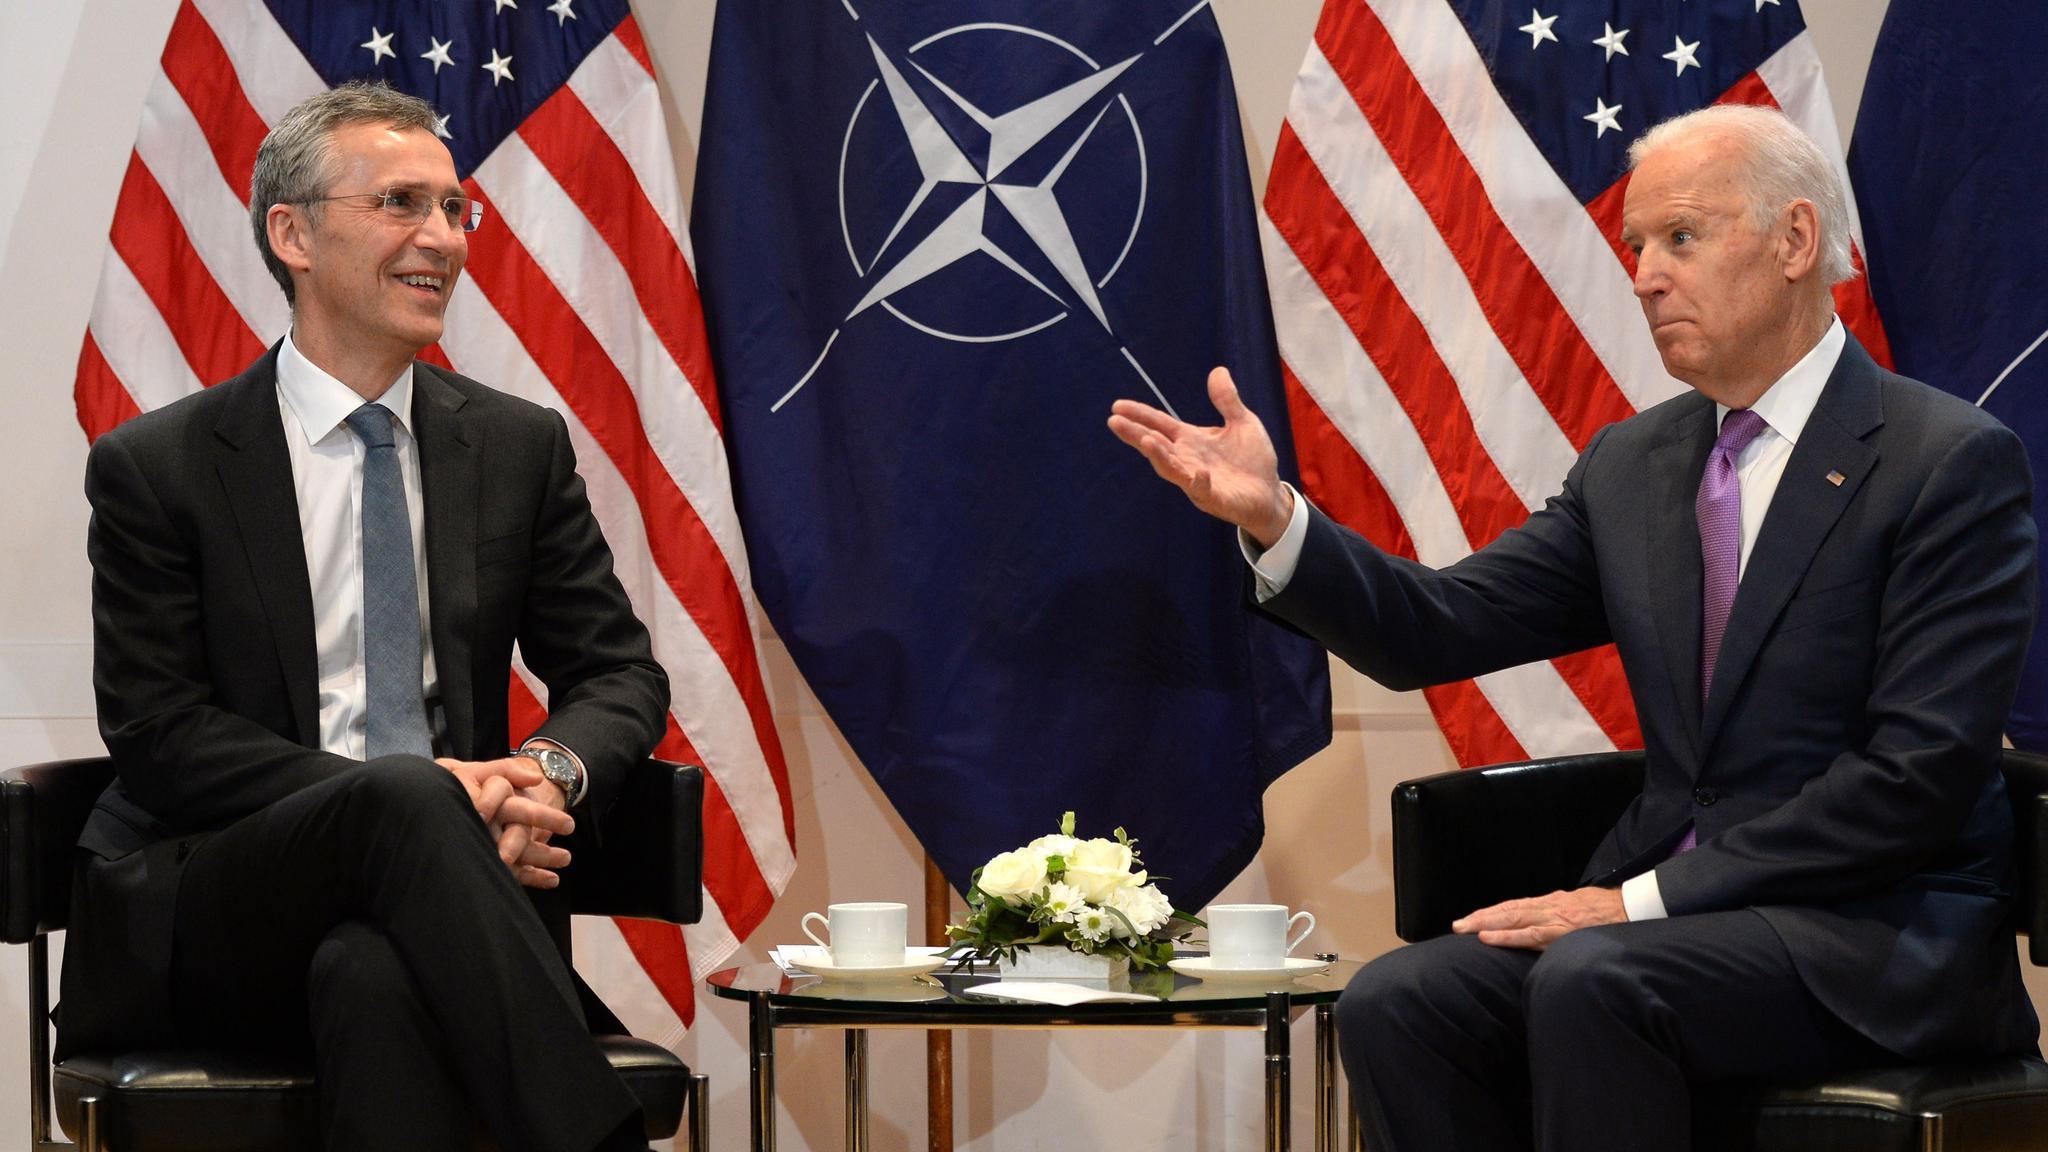 拜登将亲赴北约峰会讨论对抗中俄挑战